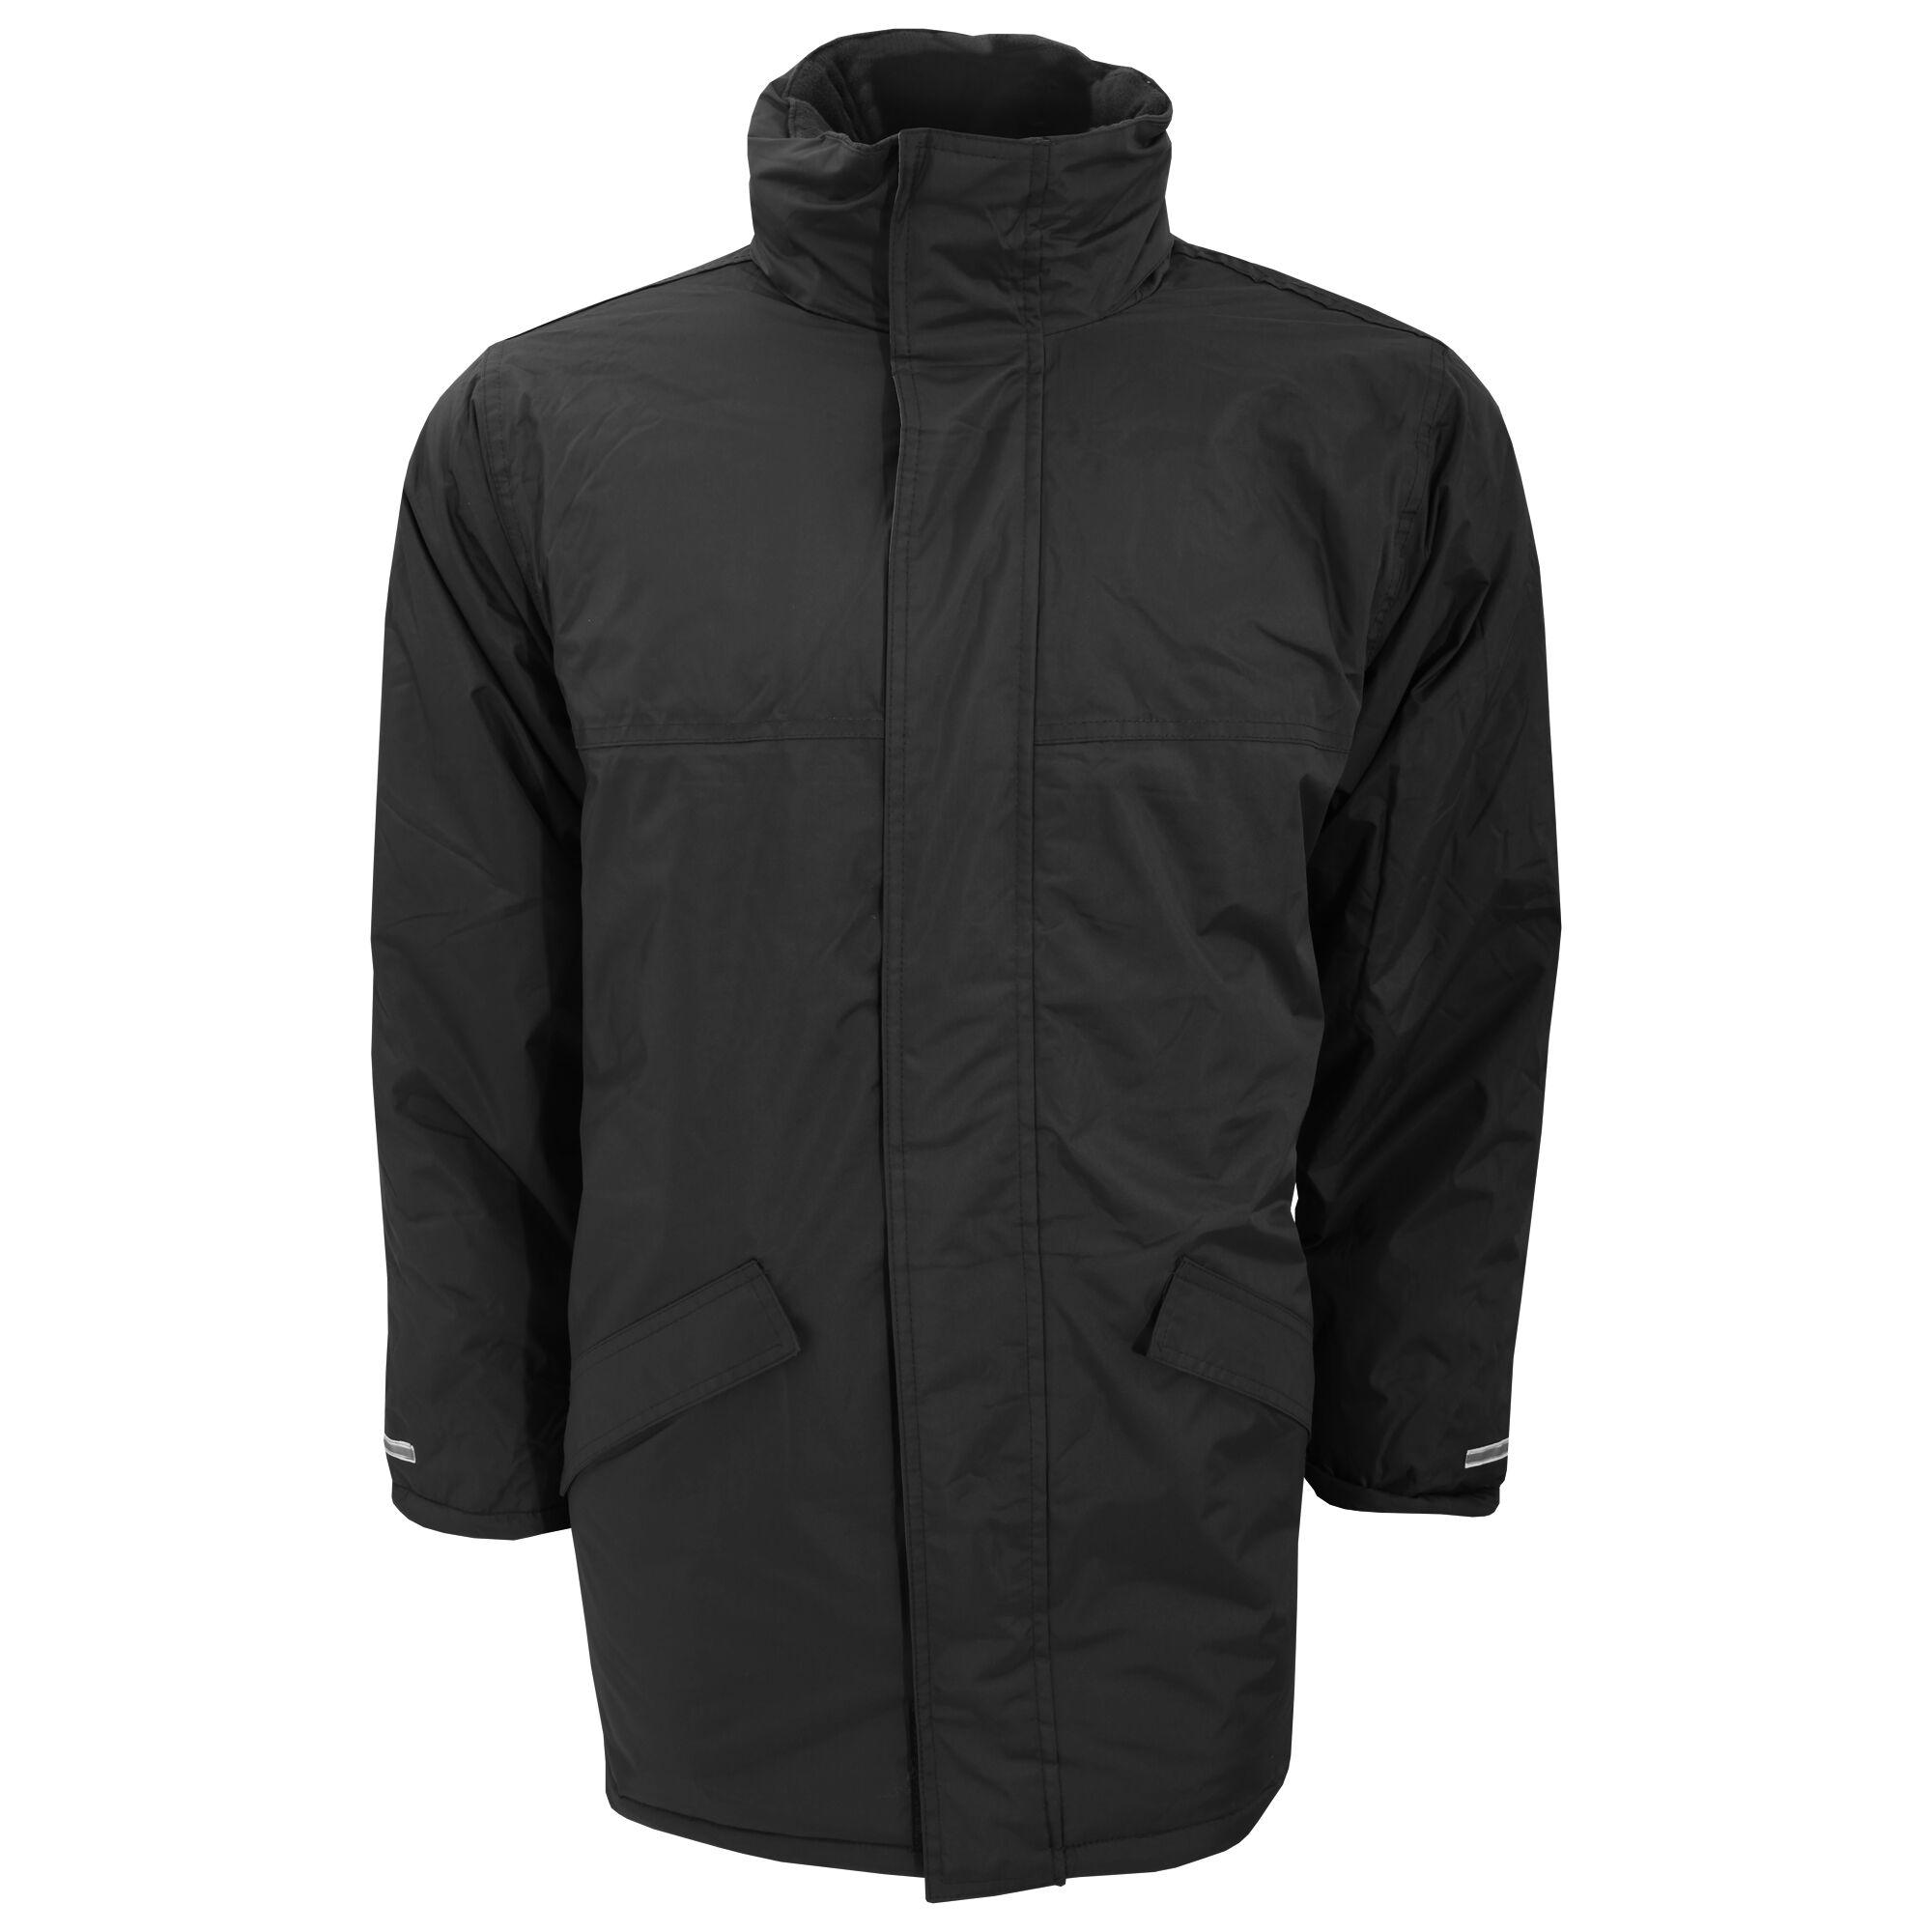 Anorak, coupe vent : comment laver ses vestes imperméables